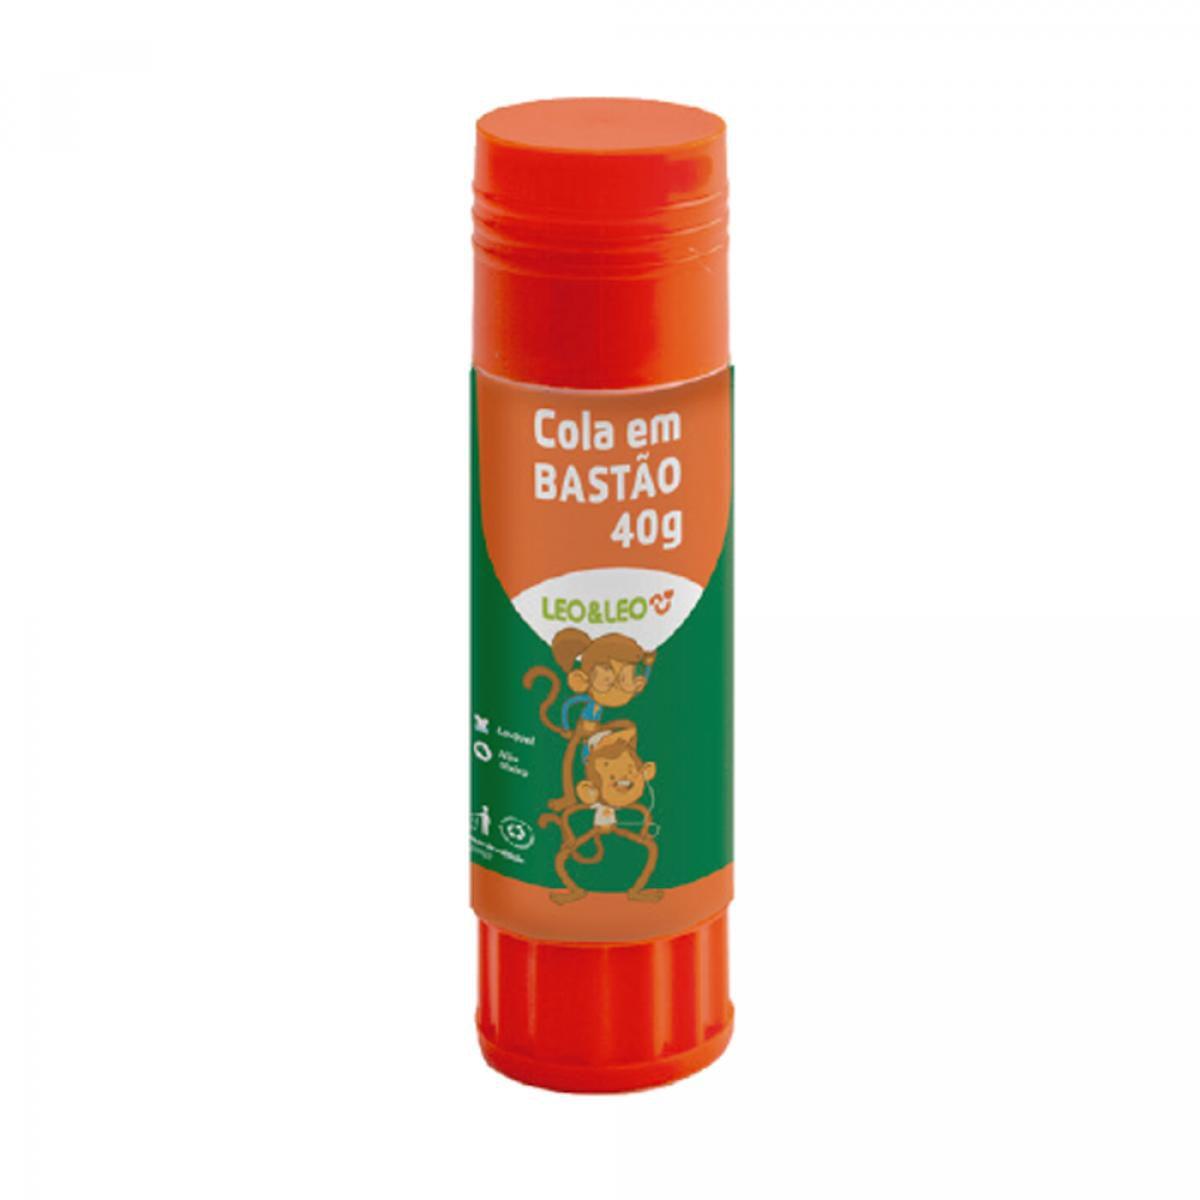 Cola Bastão 40g Leo & Leo